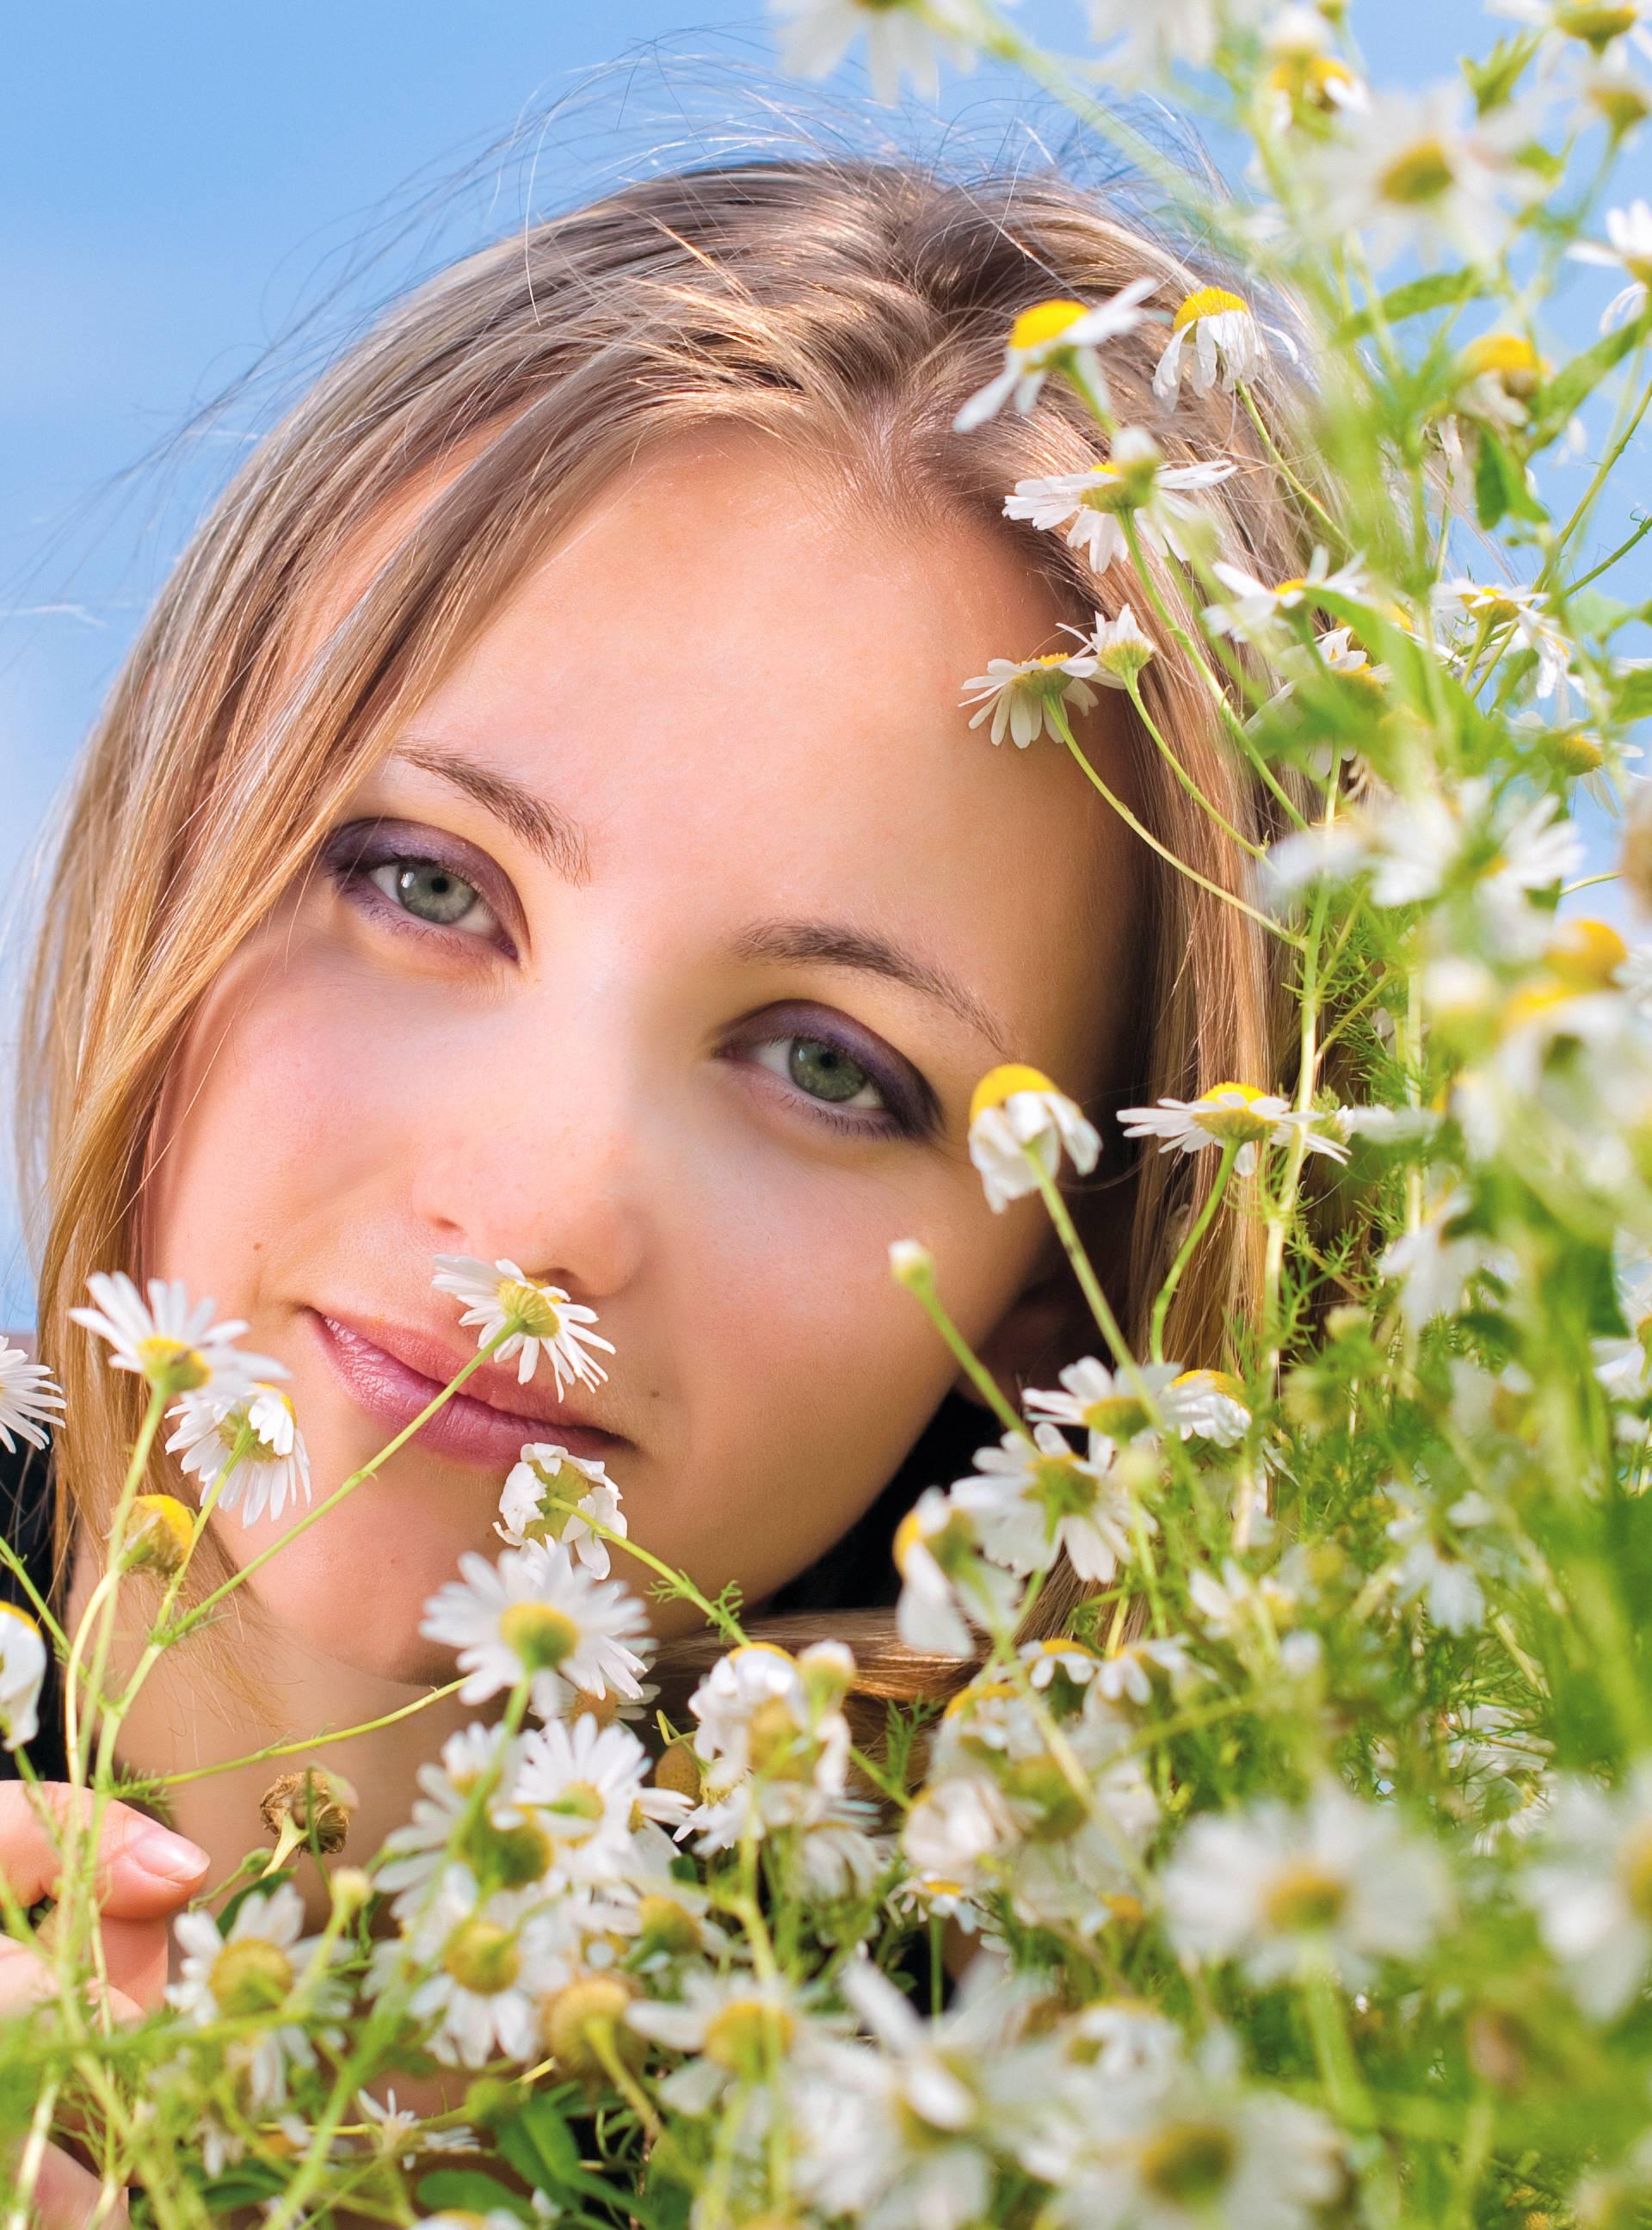 Prirodni lijekovi: Gospina trava liječi glavobolju, menta želudac